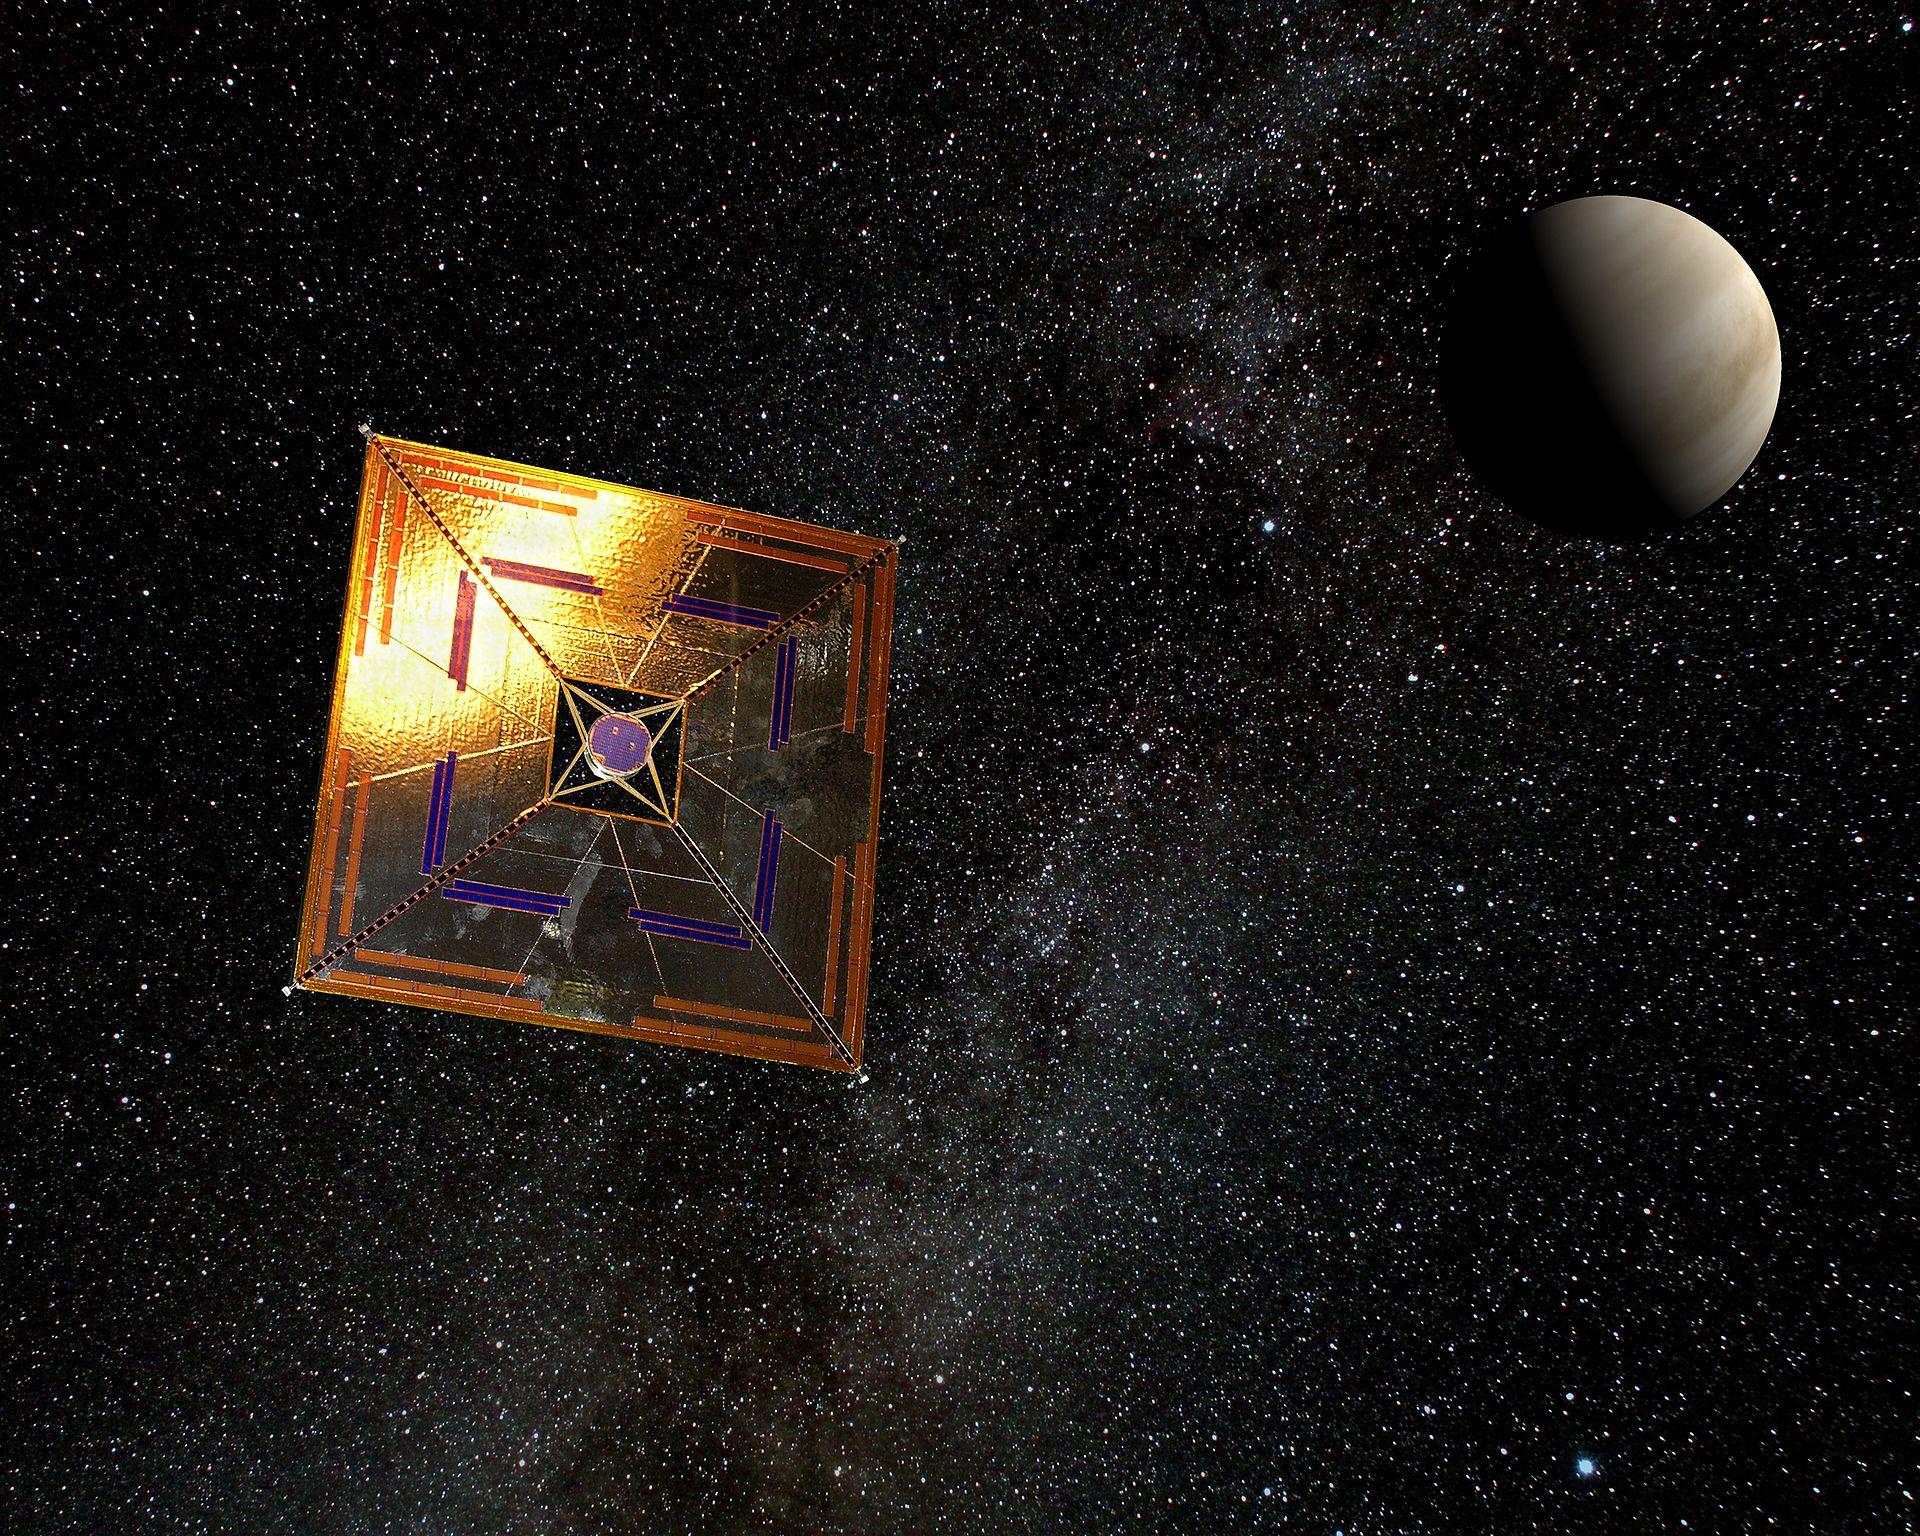 เทคโนโลยีเรือใบสุริยะ หรือ Solar sail ที่อาศัยการเคลื่อนที่จากแรงดันแสงอาทิตย์